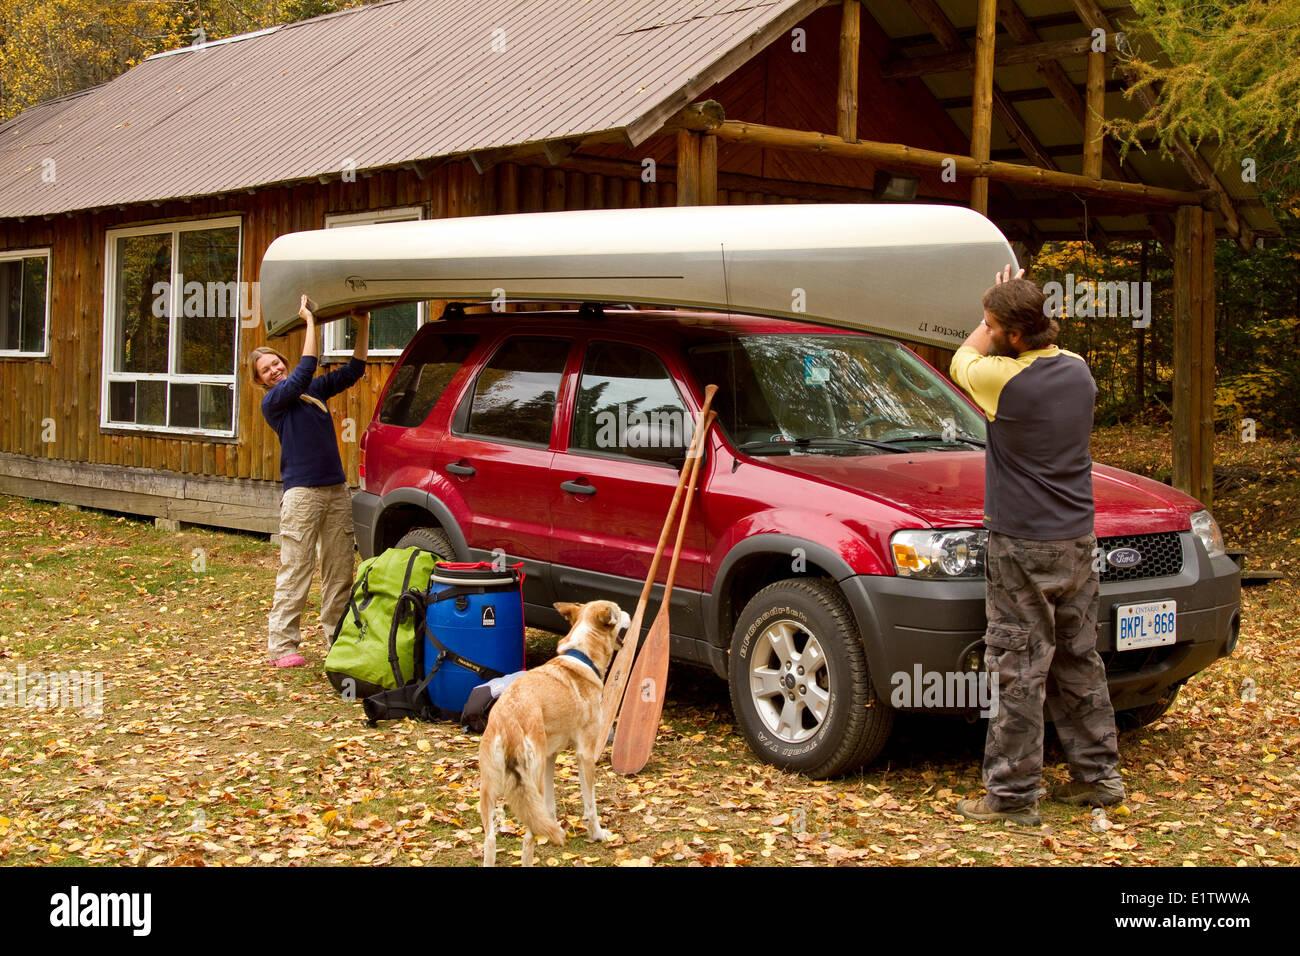 Pareja joven cargar canoa en el techo del vehículo, en casa de campo cerca de South River, Algonquin Park, Imagen De Stock